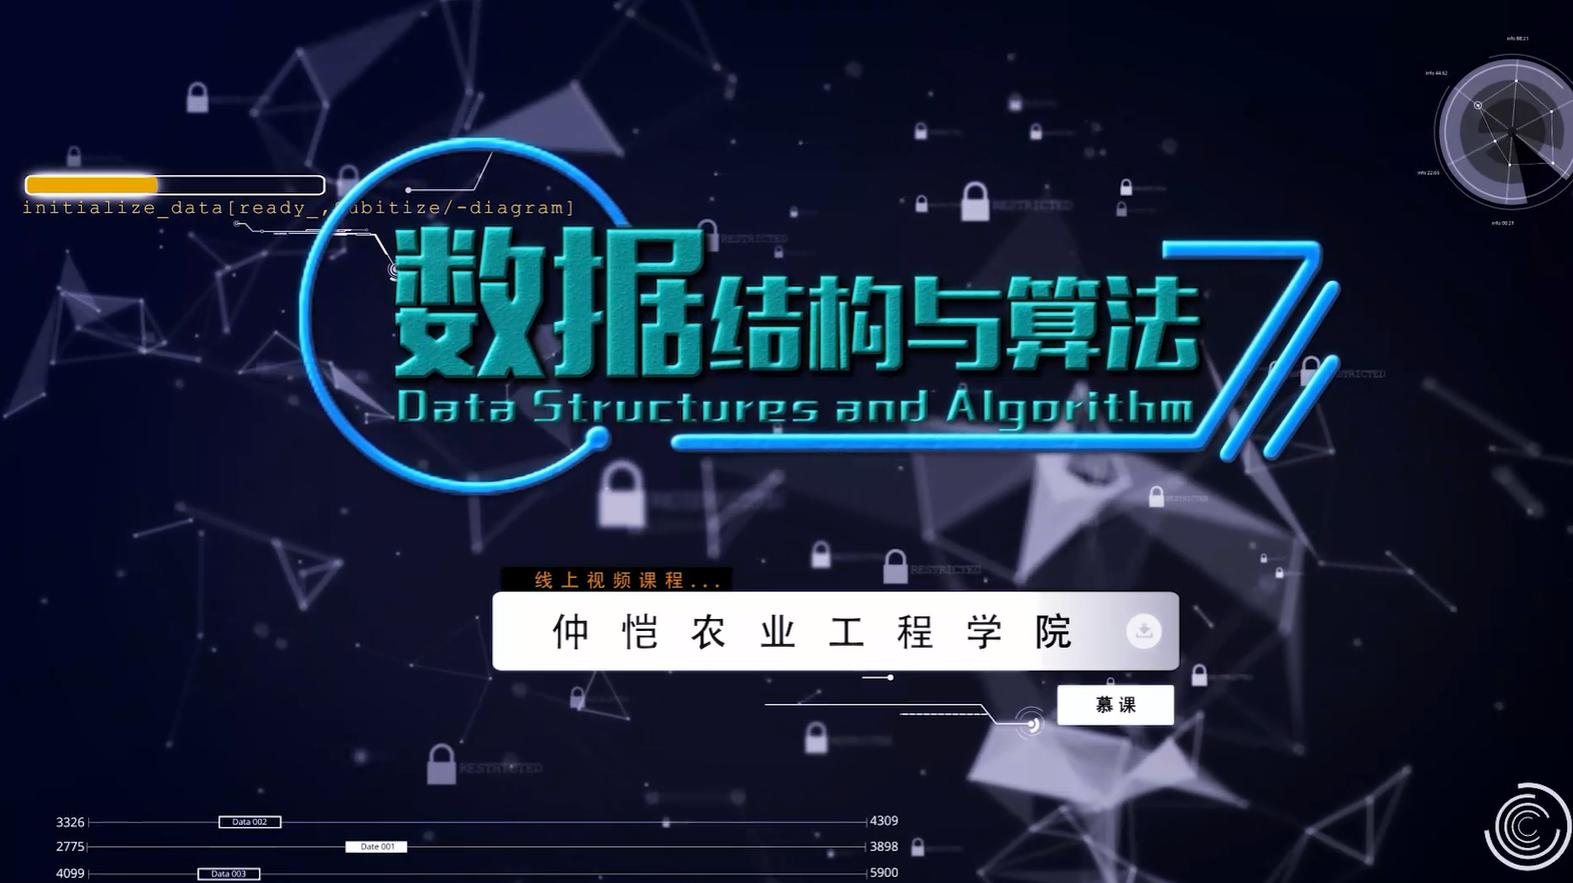 """中国大学MOOC: """"牛根生离开伊利公司创建蒙牛""""属于(        )"""